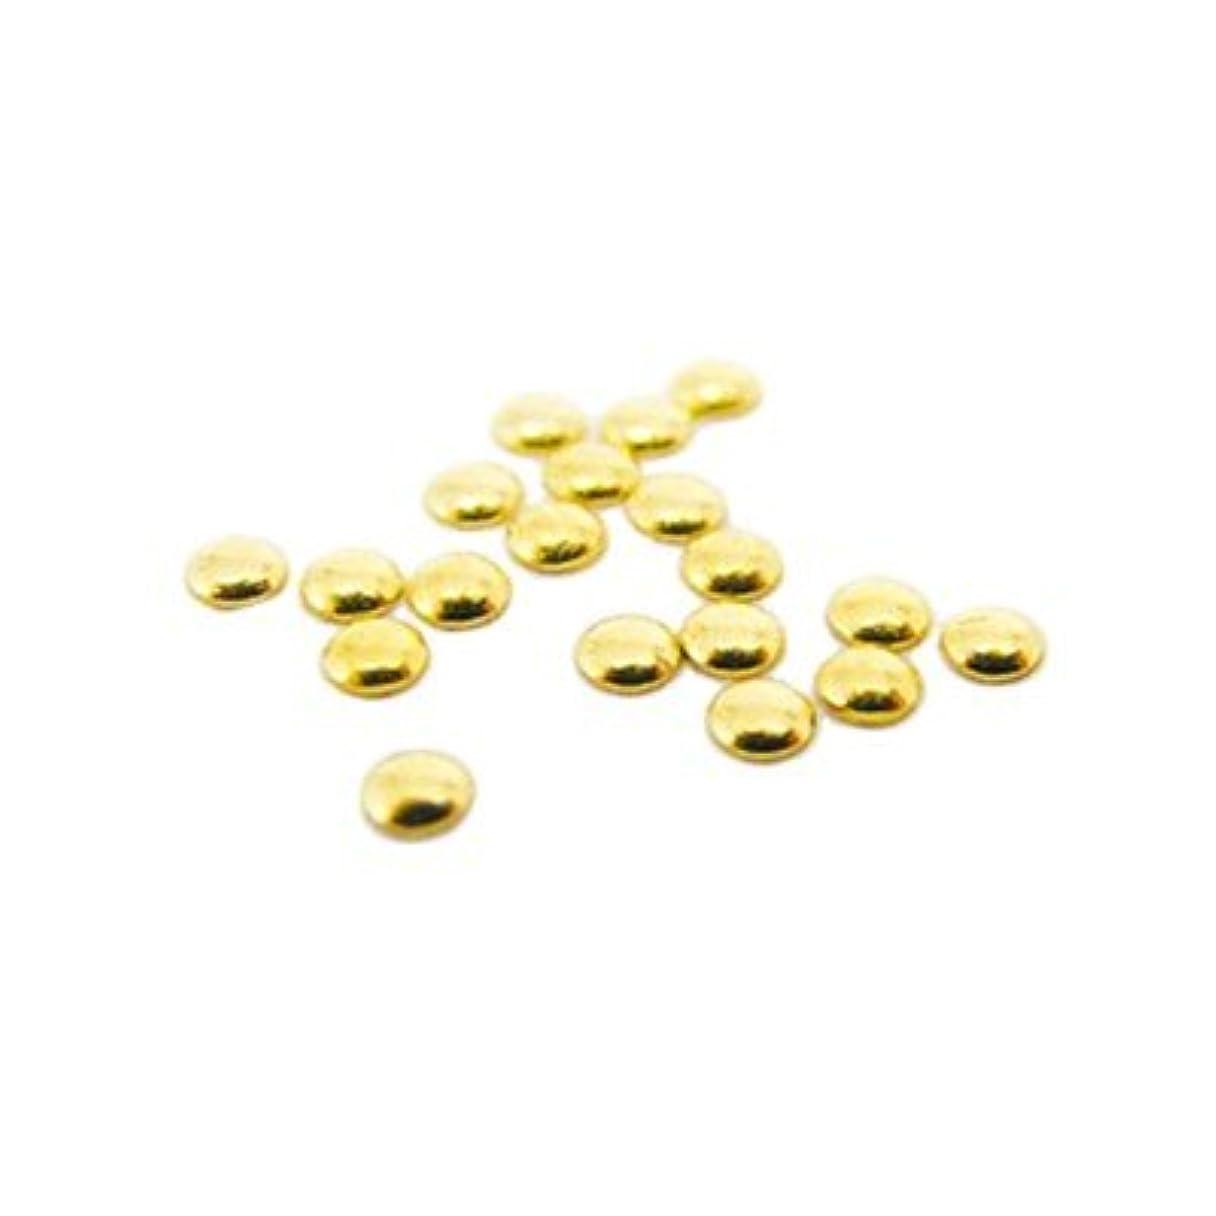 ご覧ください二年生よろしくピアドラ スタッズ 1.5mm 100P ゴールド